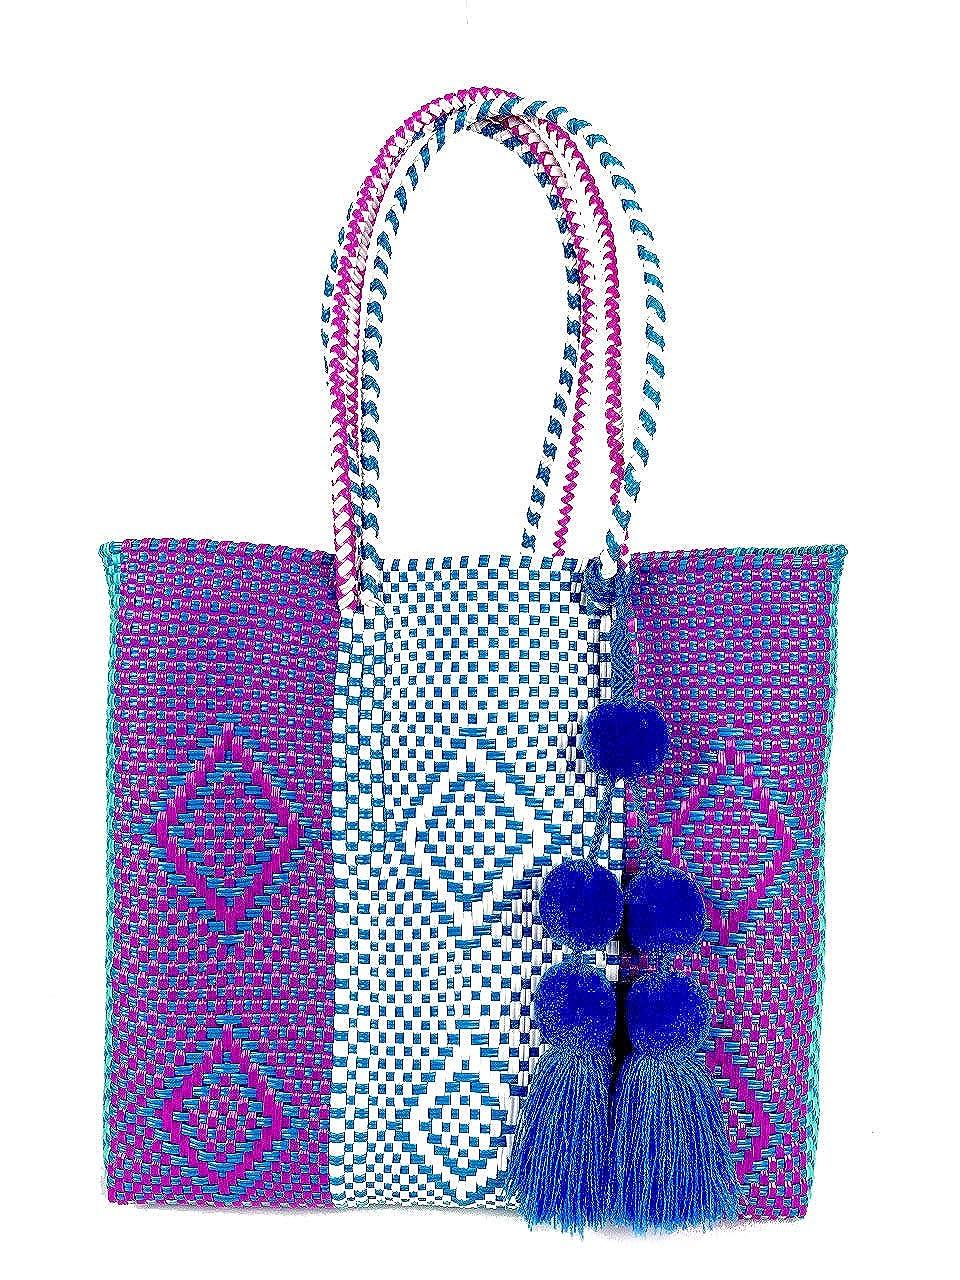 [Viva la Vida]メキシコ直輸入 メルカドバッグ(バッグチャーム付き) M 持ち手ロング 紫×青 カゴバッグ トートバッグ   B07QFDDXJW